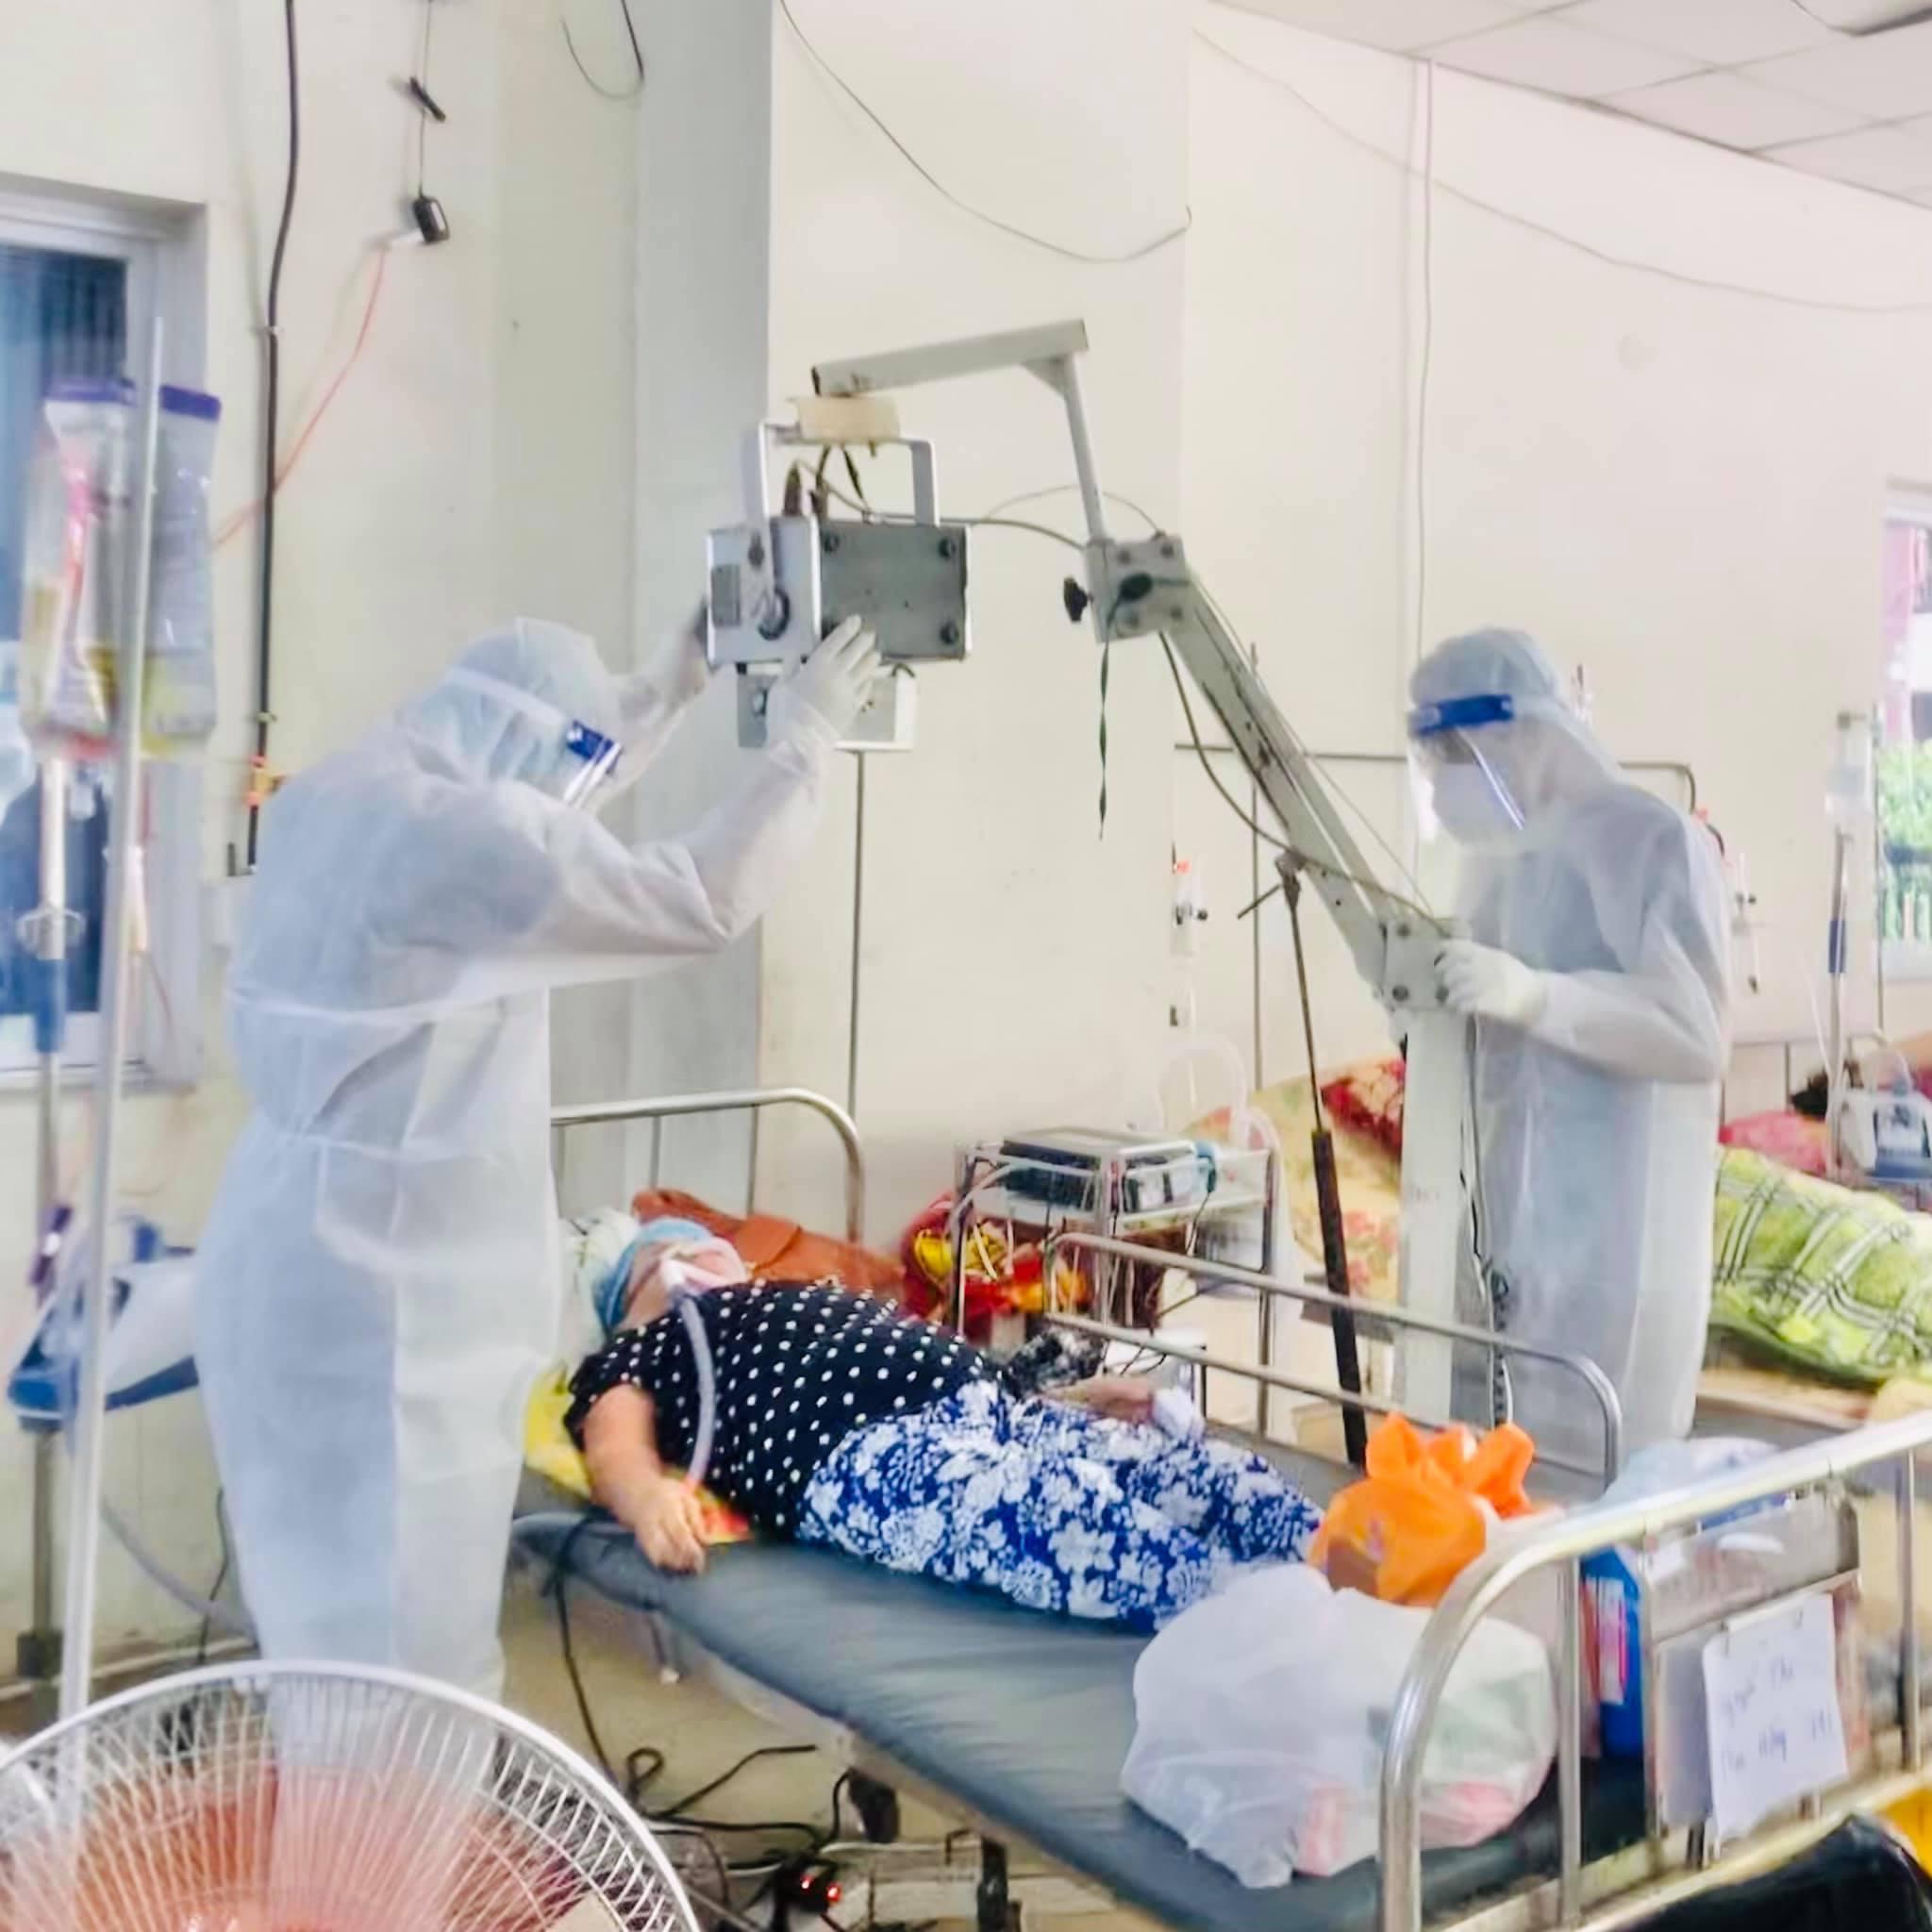 Bệnh viện tìm kiếm F0 khỏi bệnh chăm sóc người nhiễm Covid-19